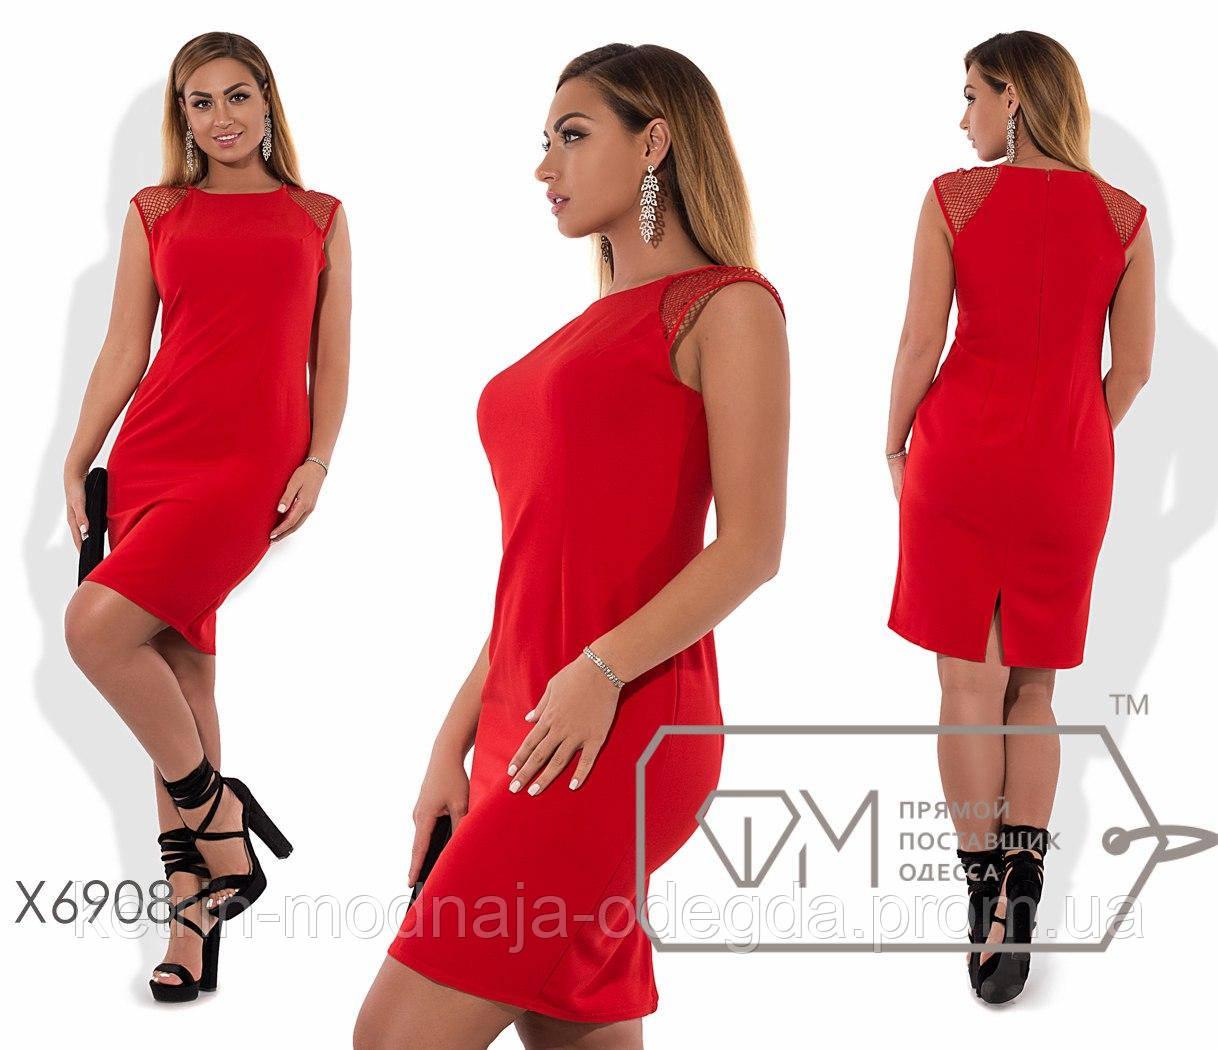 49c83e20c86 Красивое модное яркое платье футляр большого размера